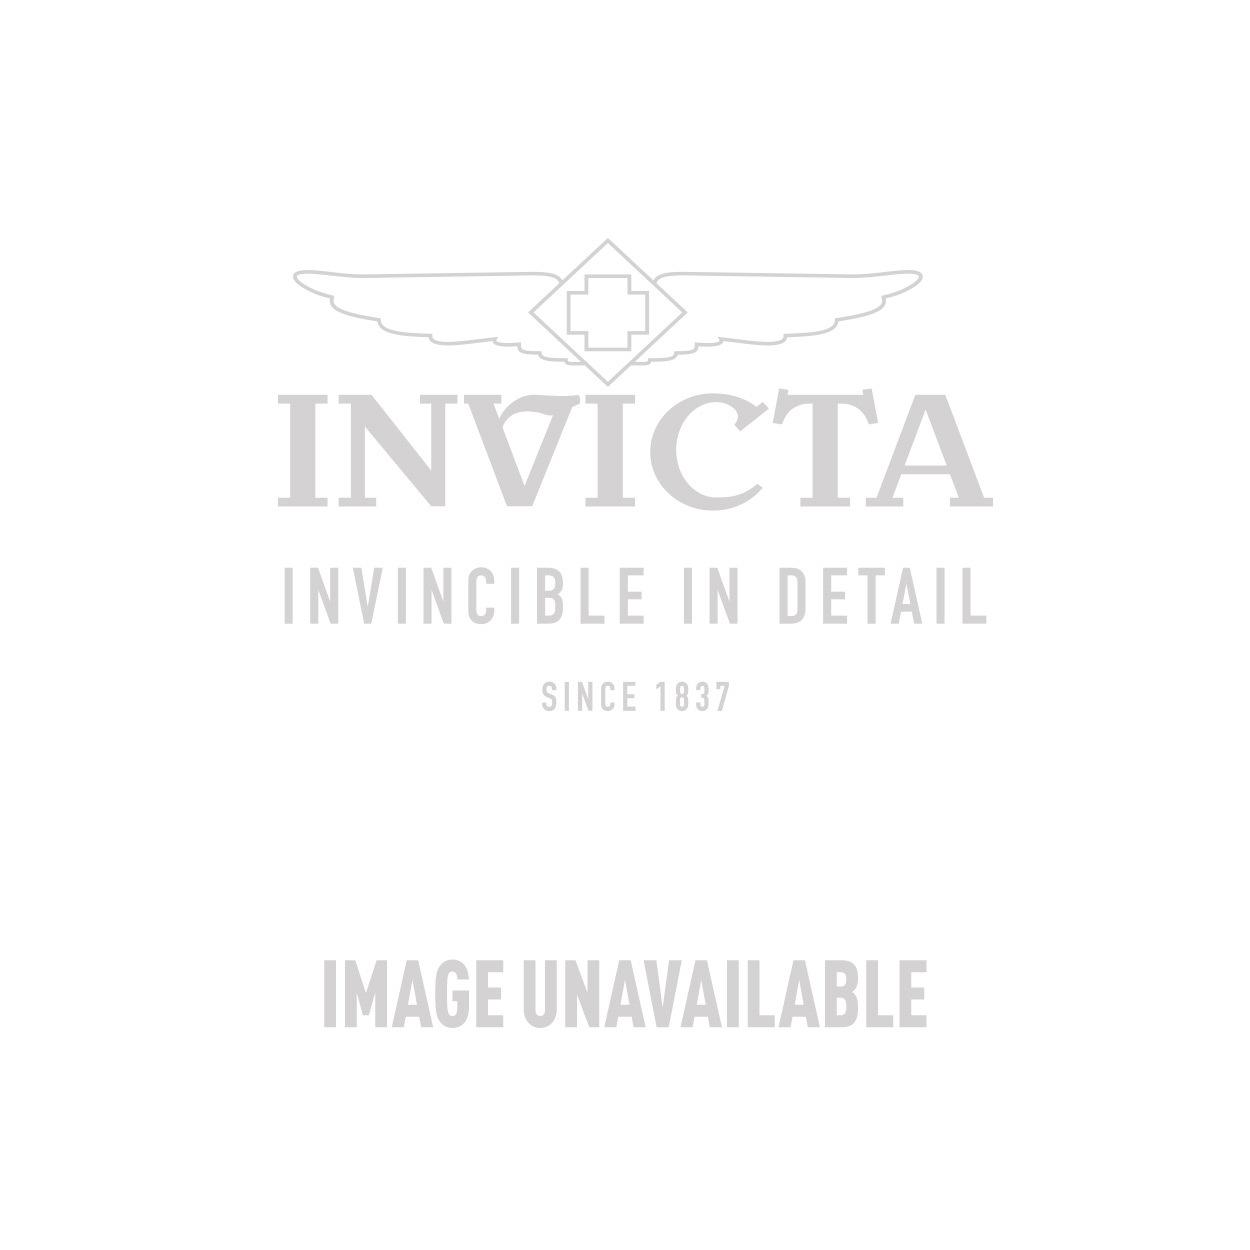 Invicta Model 28831